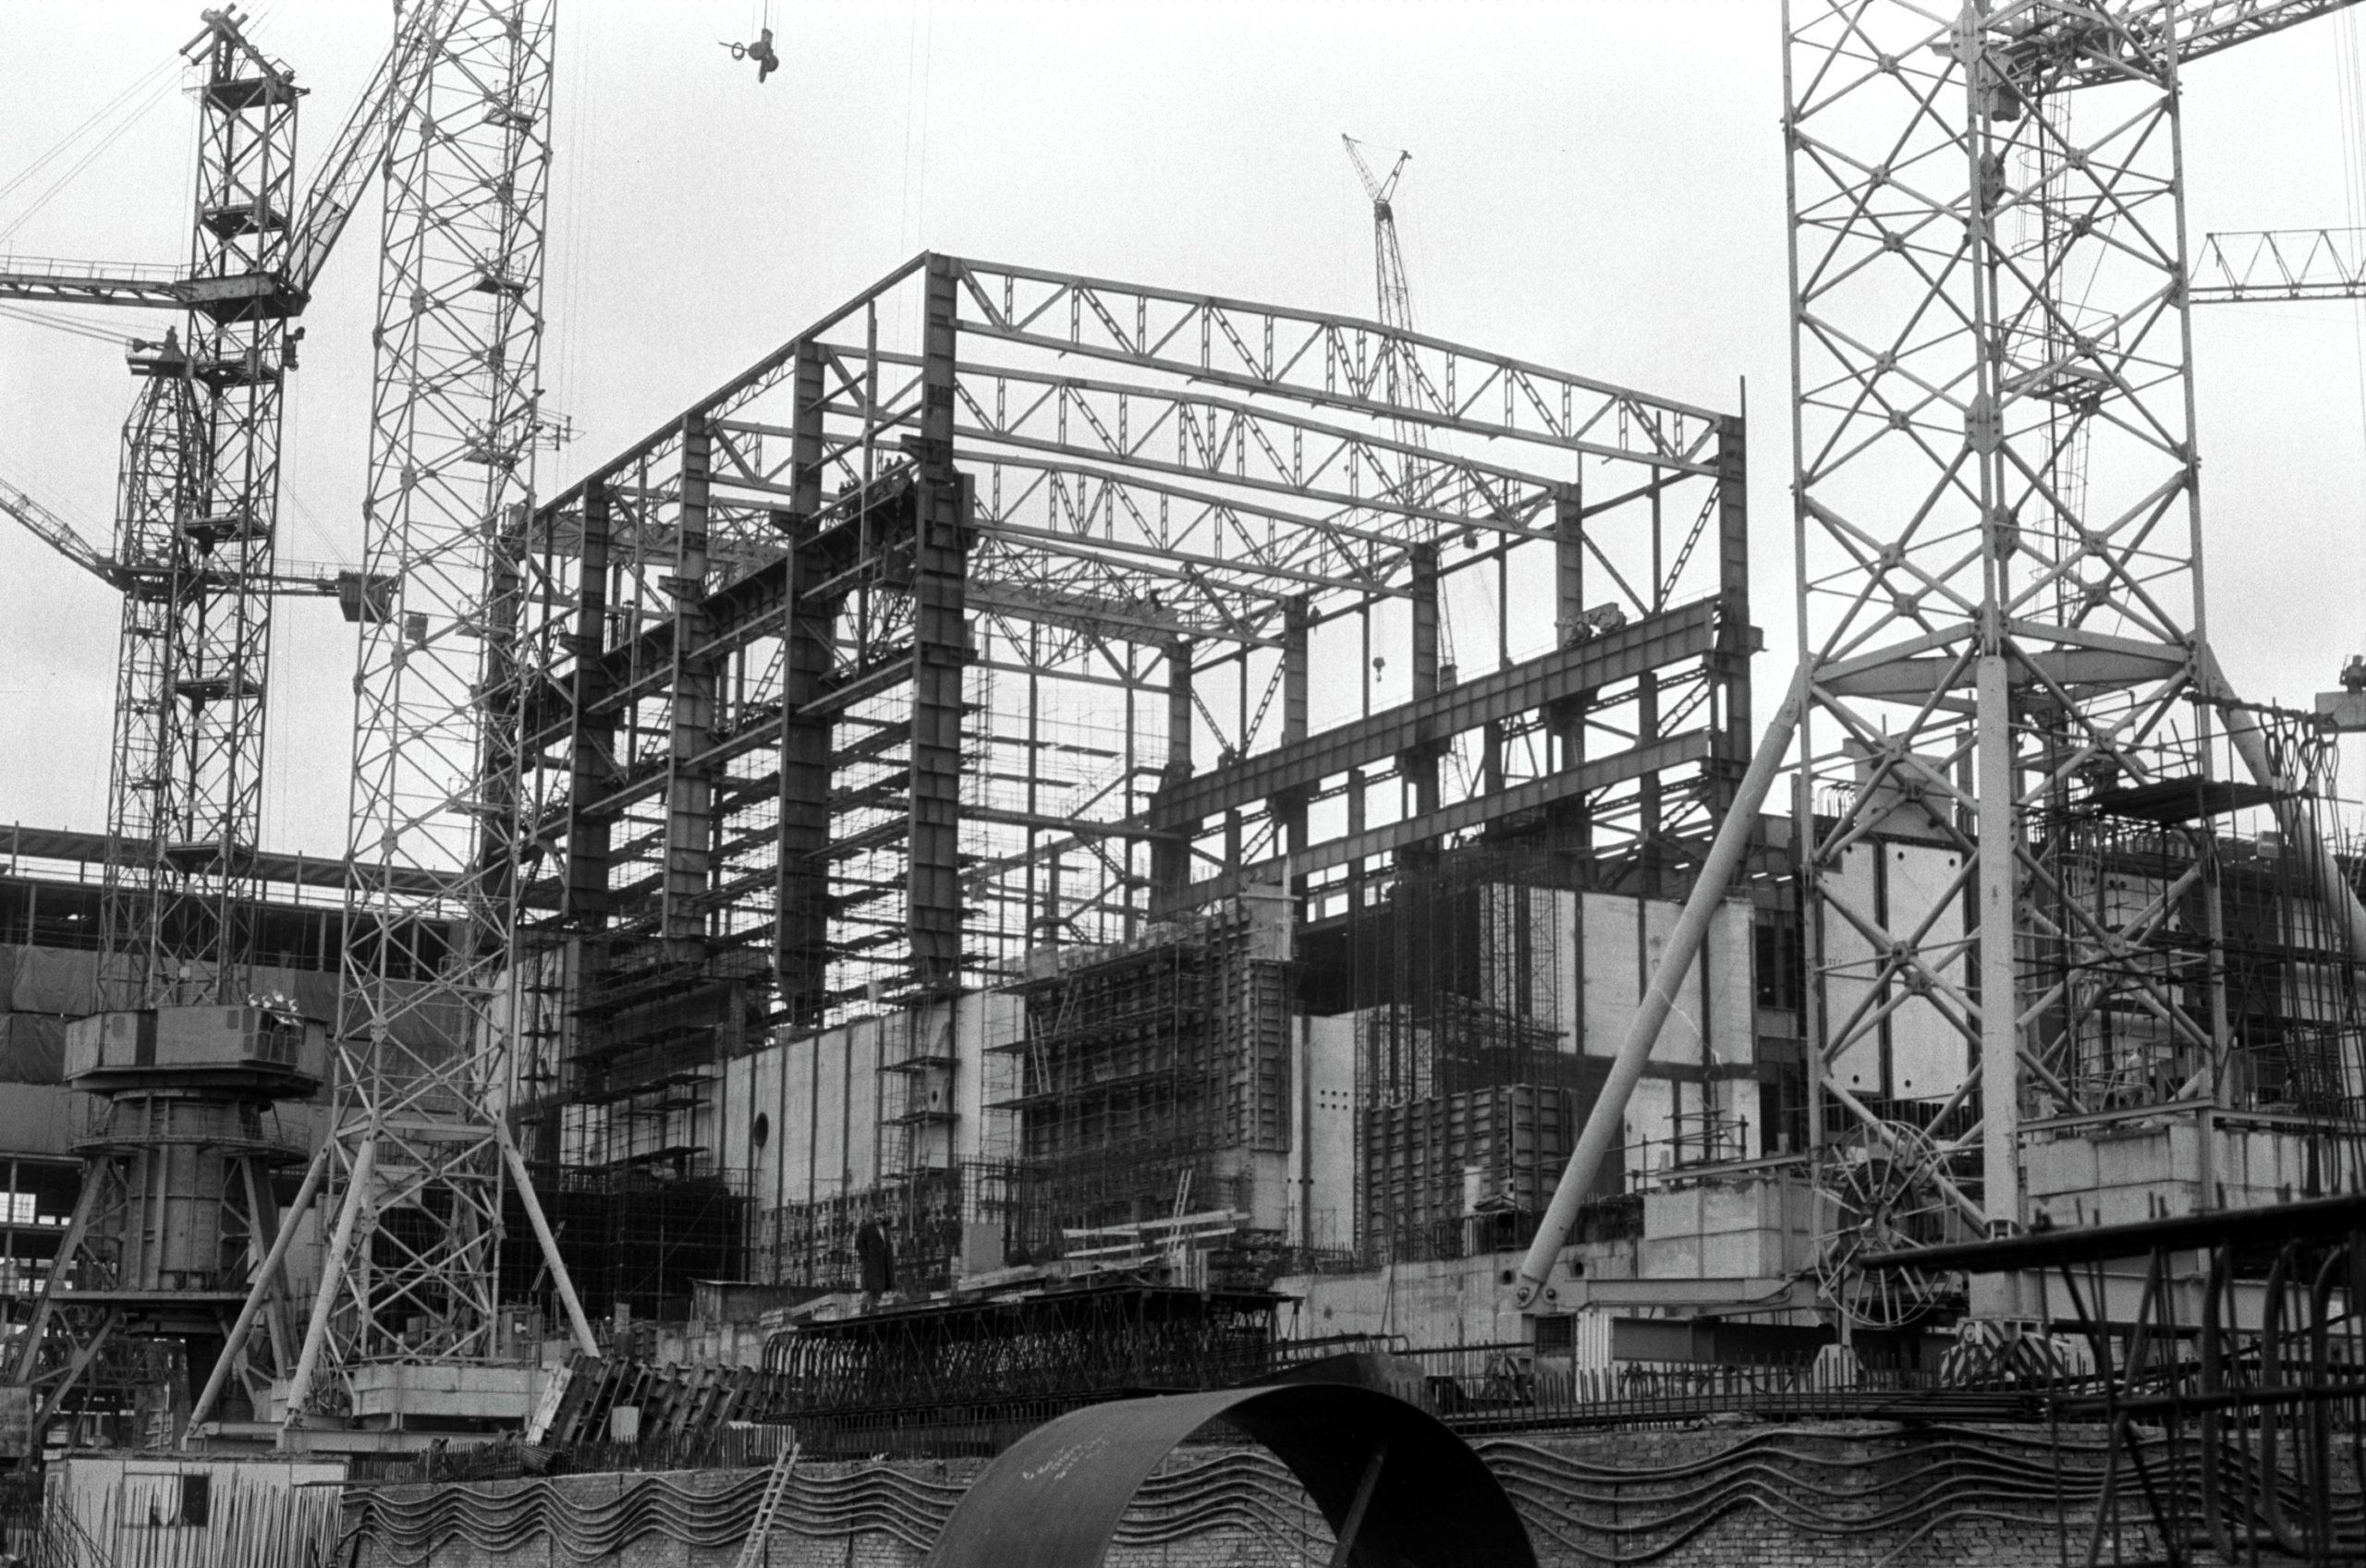 jaderná energie - 65 let: Vojtěch Kotyza – Lidé i firmy bez velkých projektů odborně neporostou - V Česku (1982 1 scaled) 3